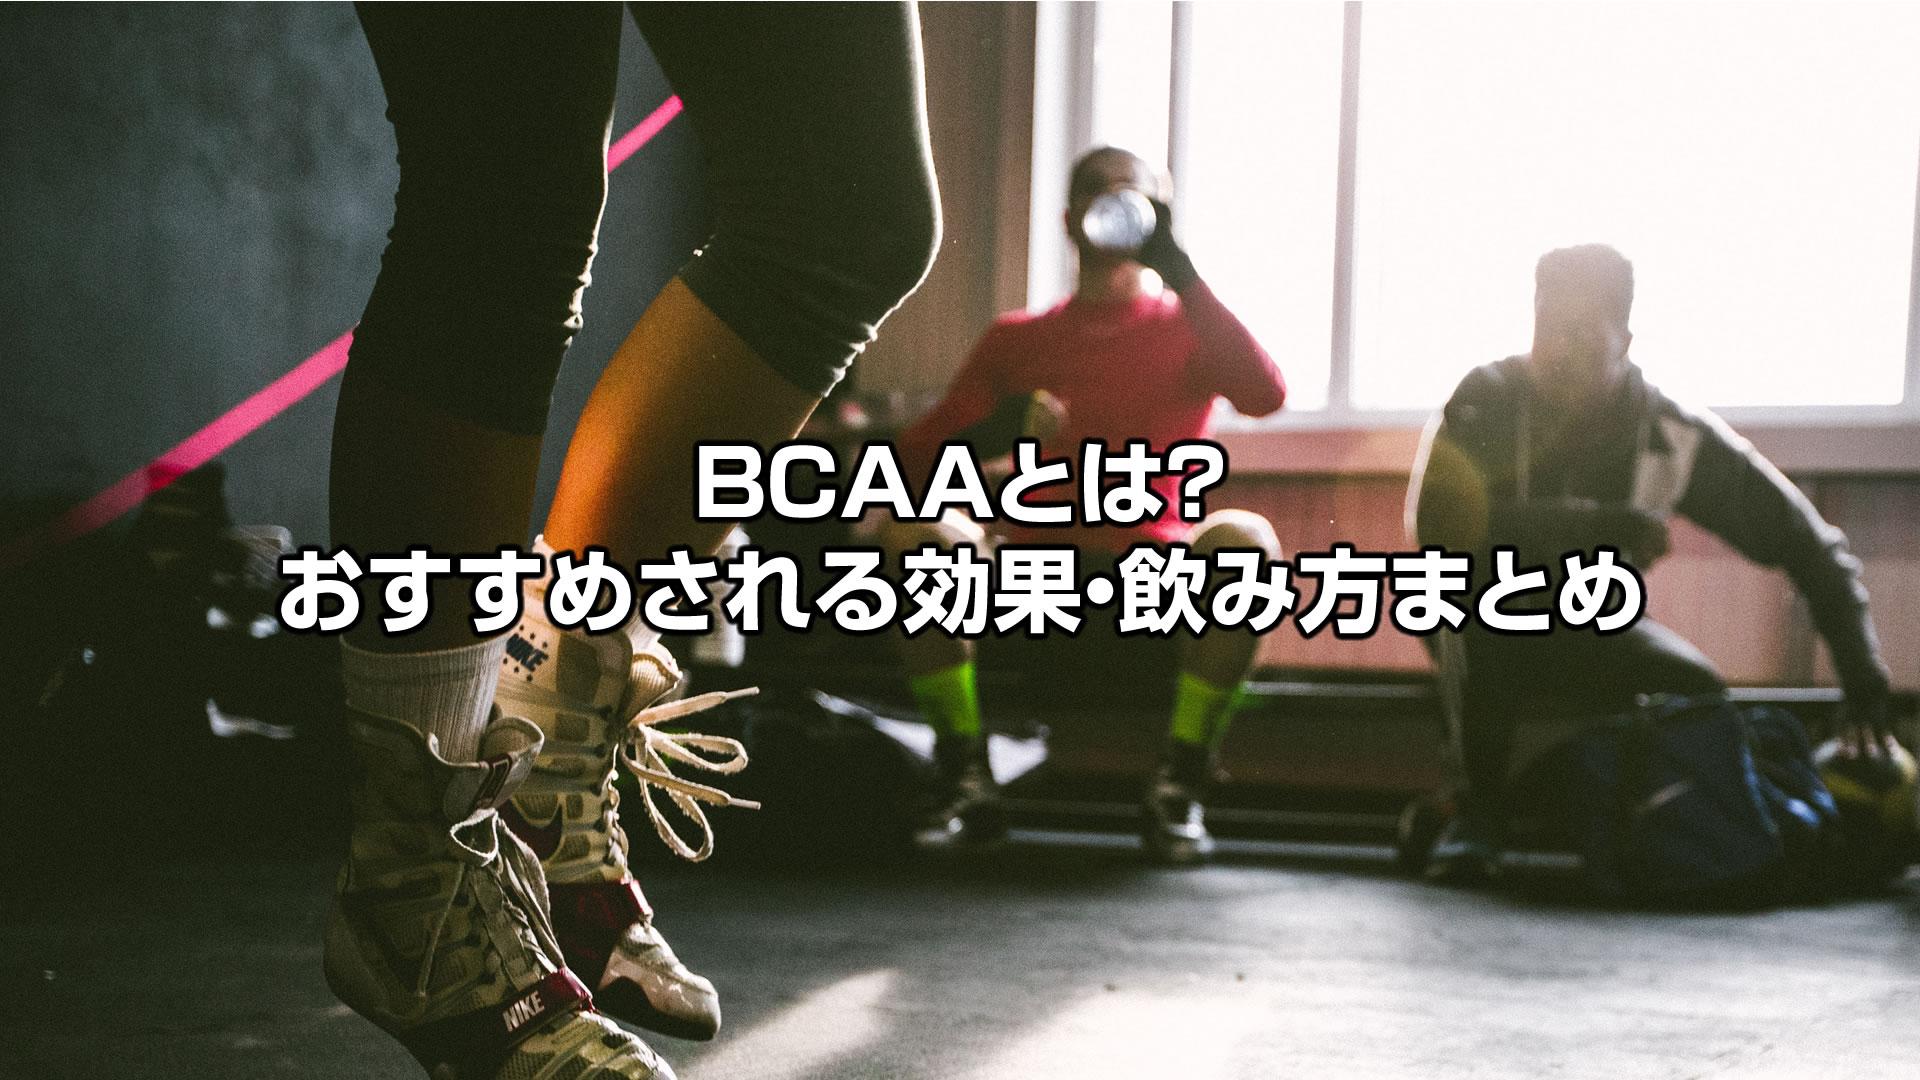 BCAAとは?おすすめされる効果・飲み方まとめ[iHerb]